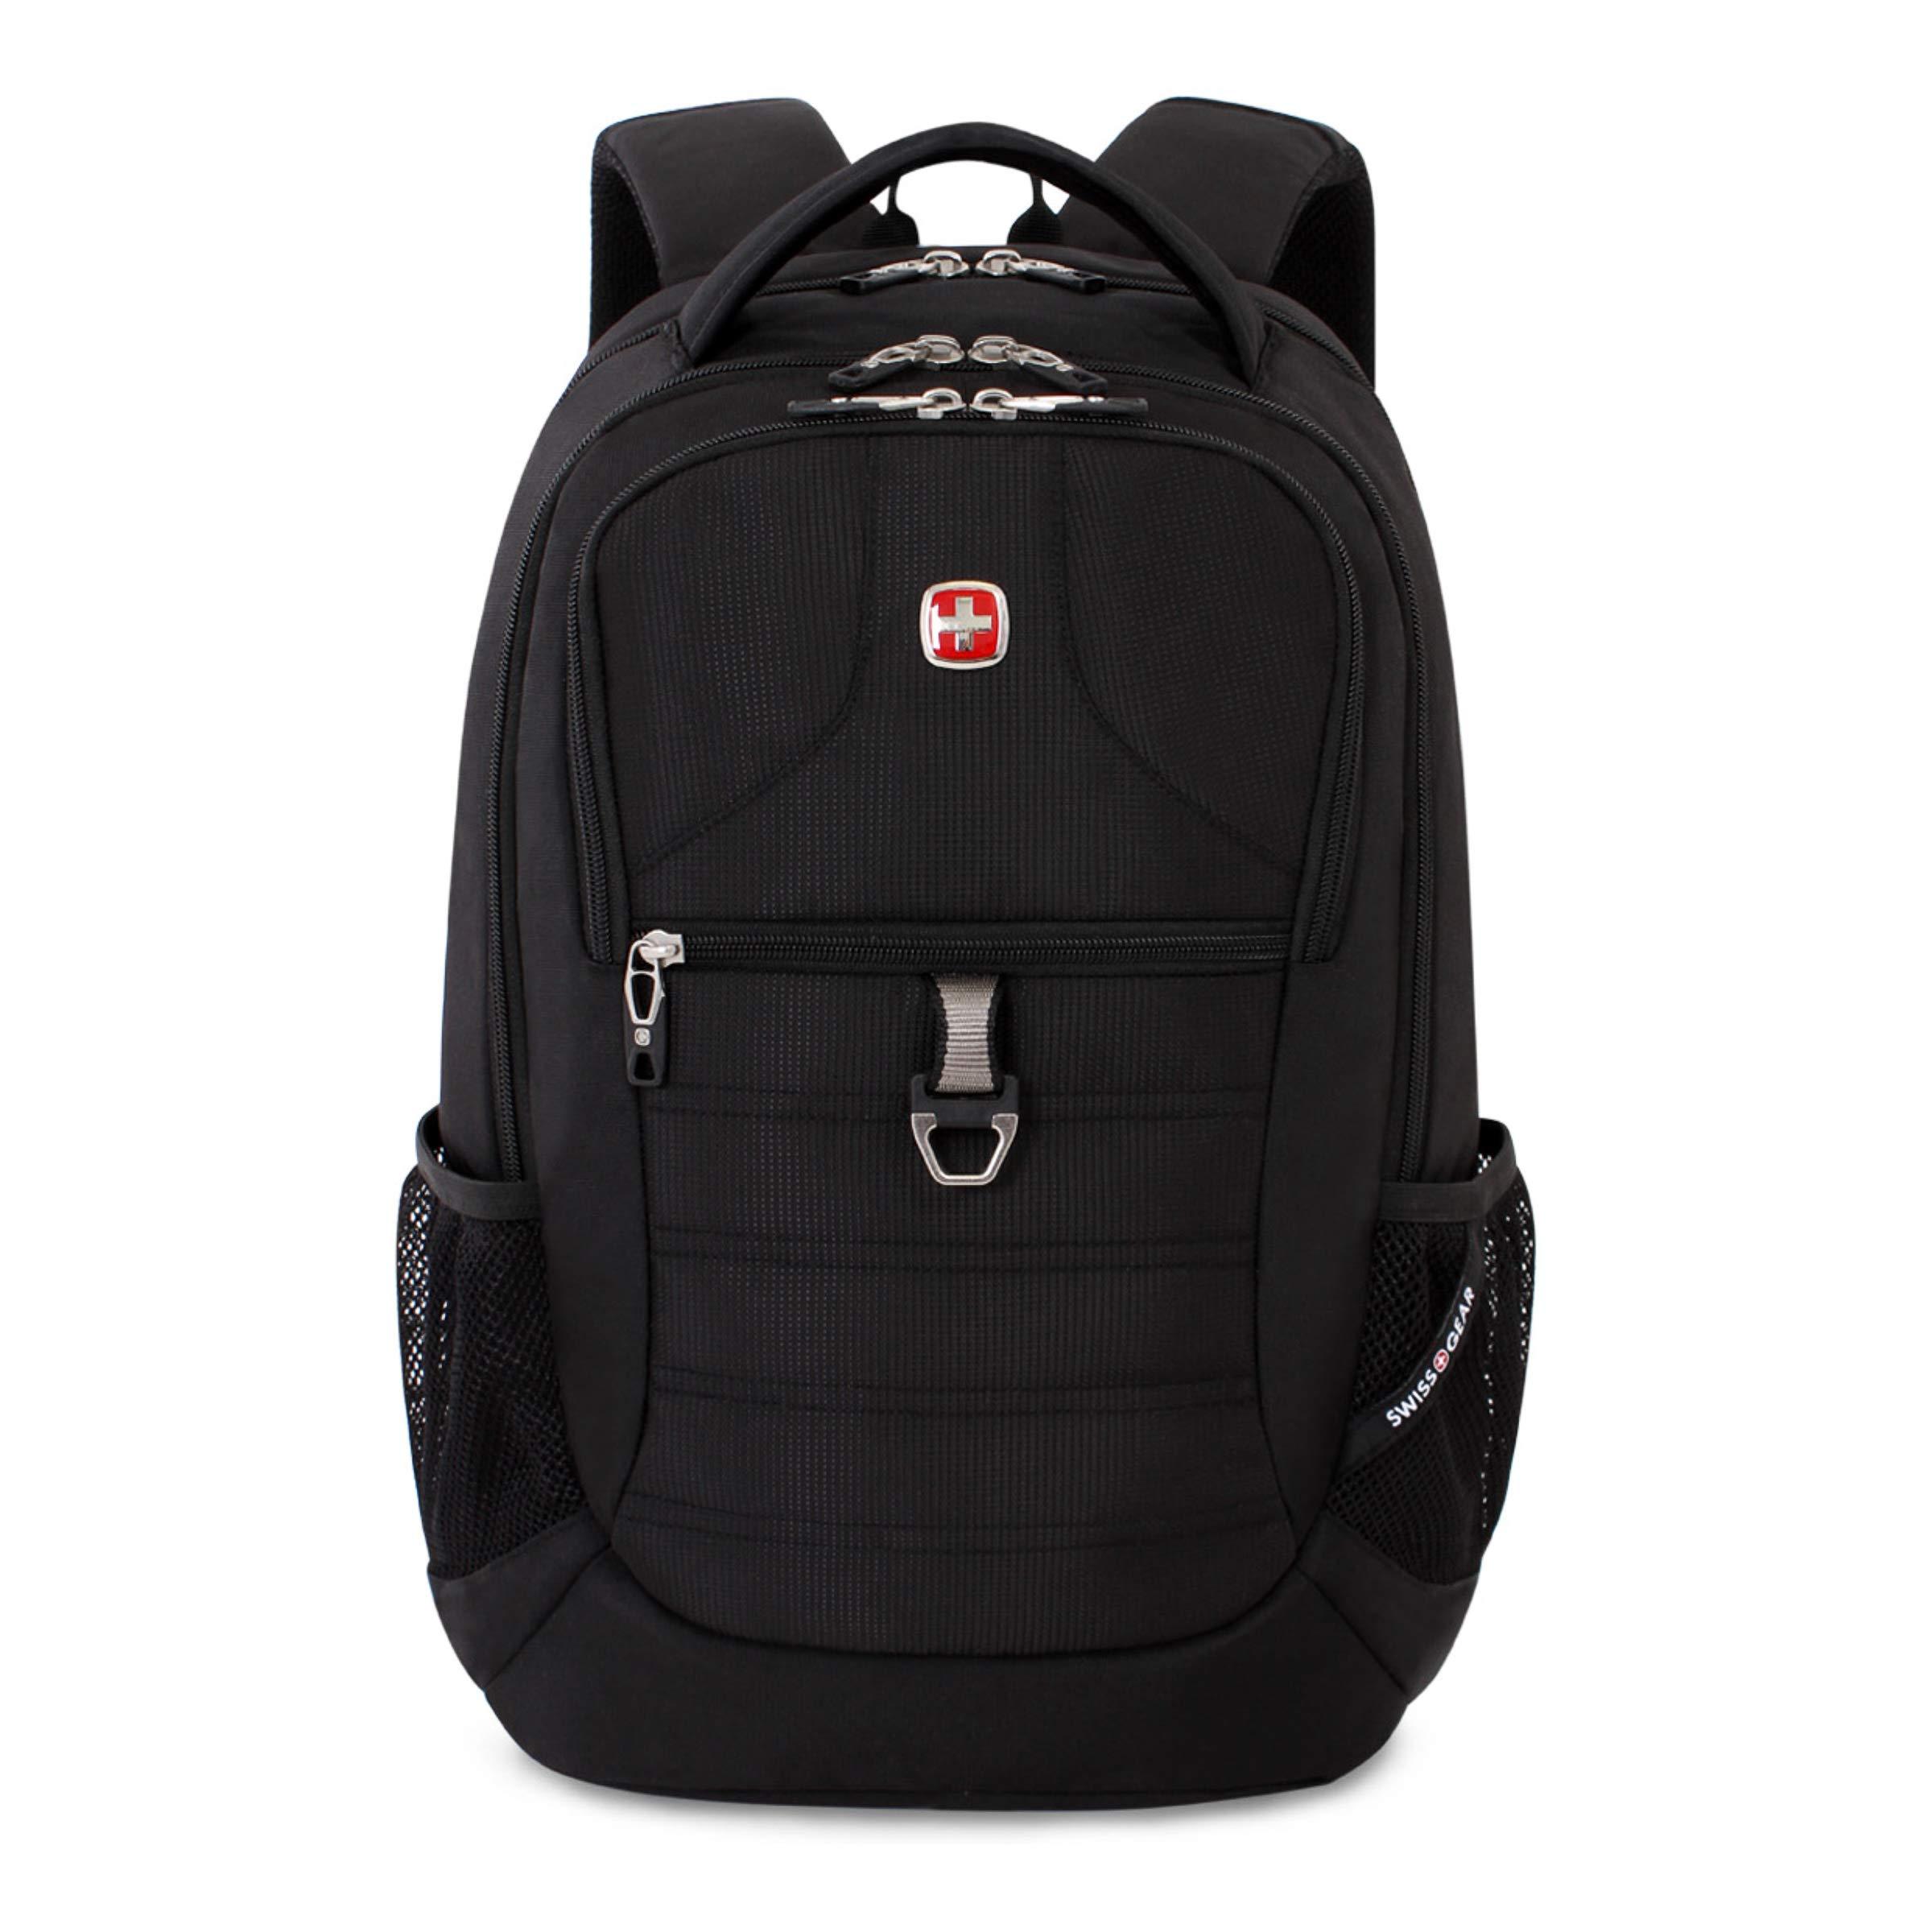 SWISSGEAR Large, Padded, ScanSmart 15-inch Laptop Backpack | TSA-Friendly Carry-on | Travel, Work, School | Men's and Women's - Black by Swiss Gear (Image #5)